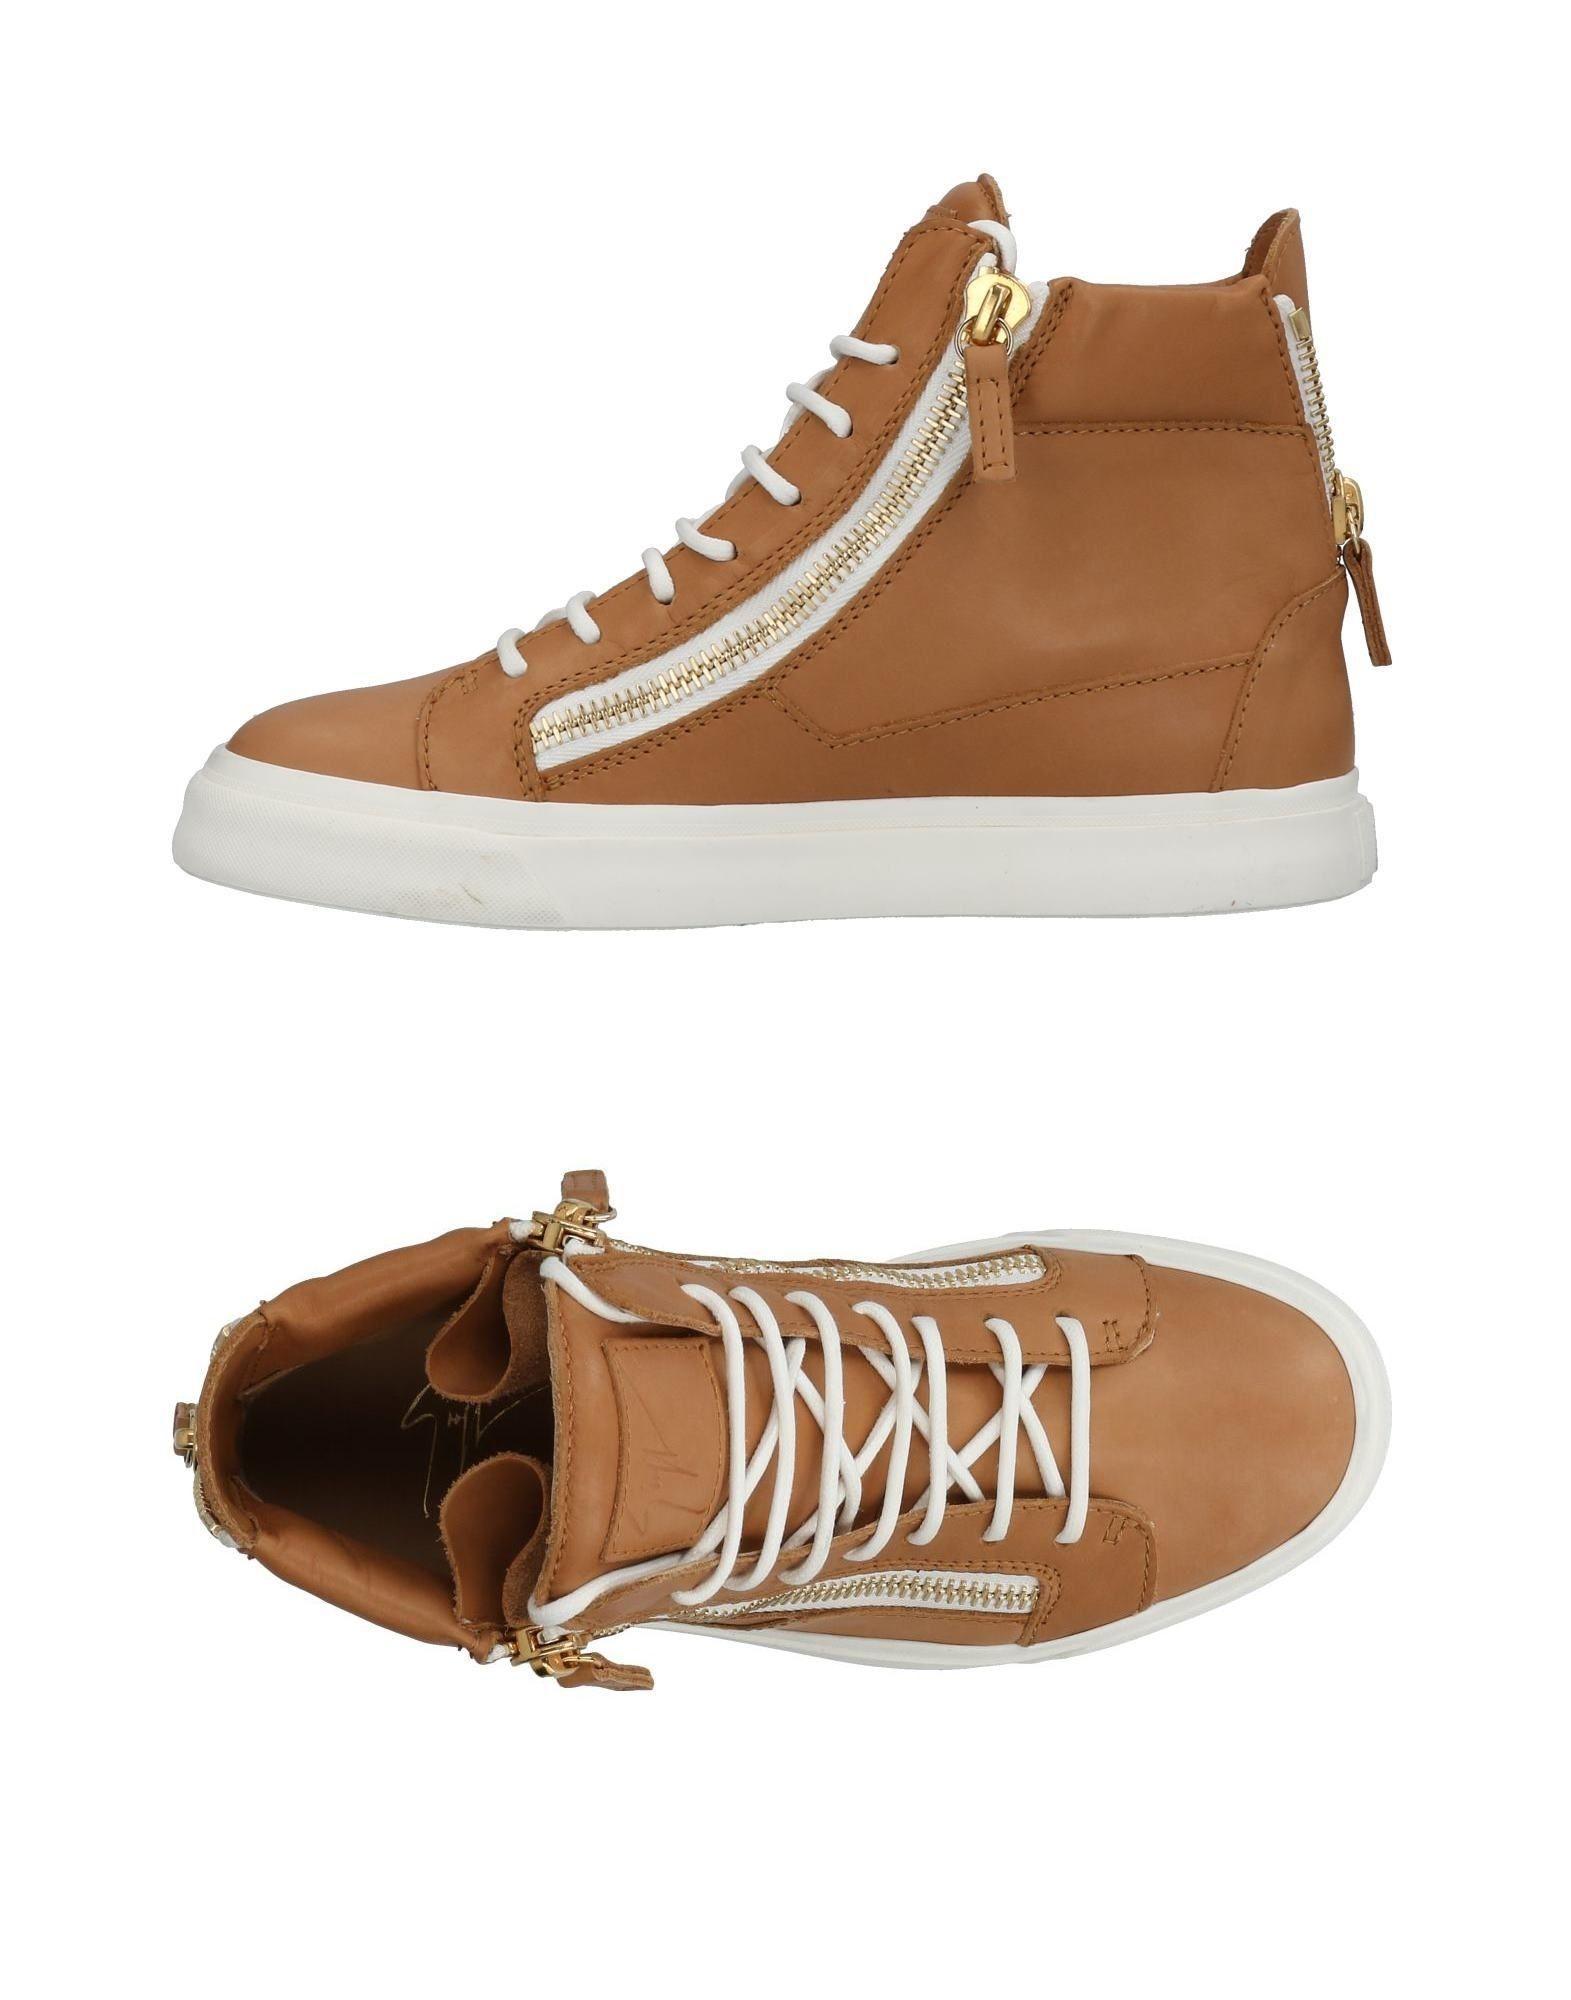 Giuseppe Zanotti Sneakers In Sand